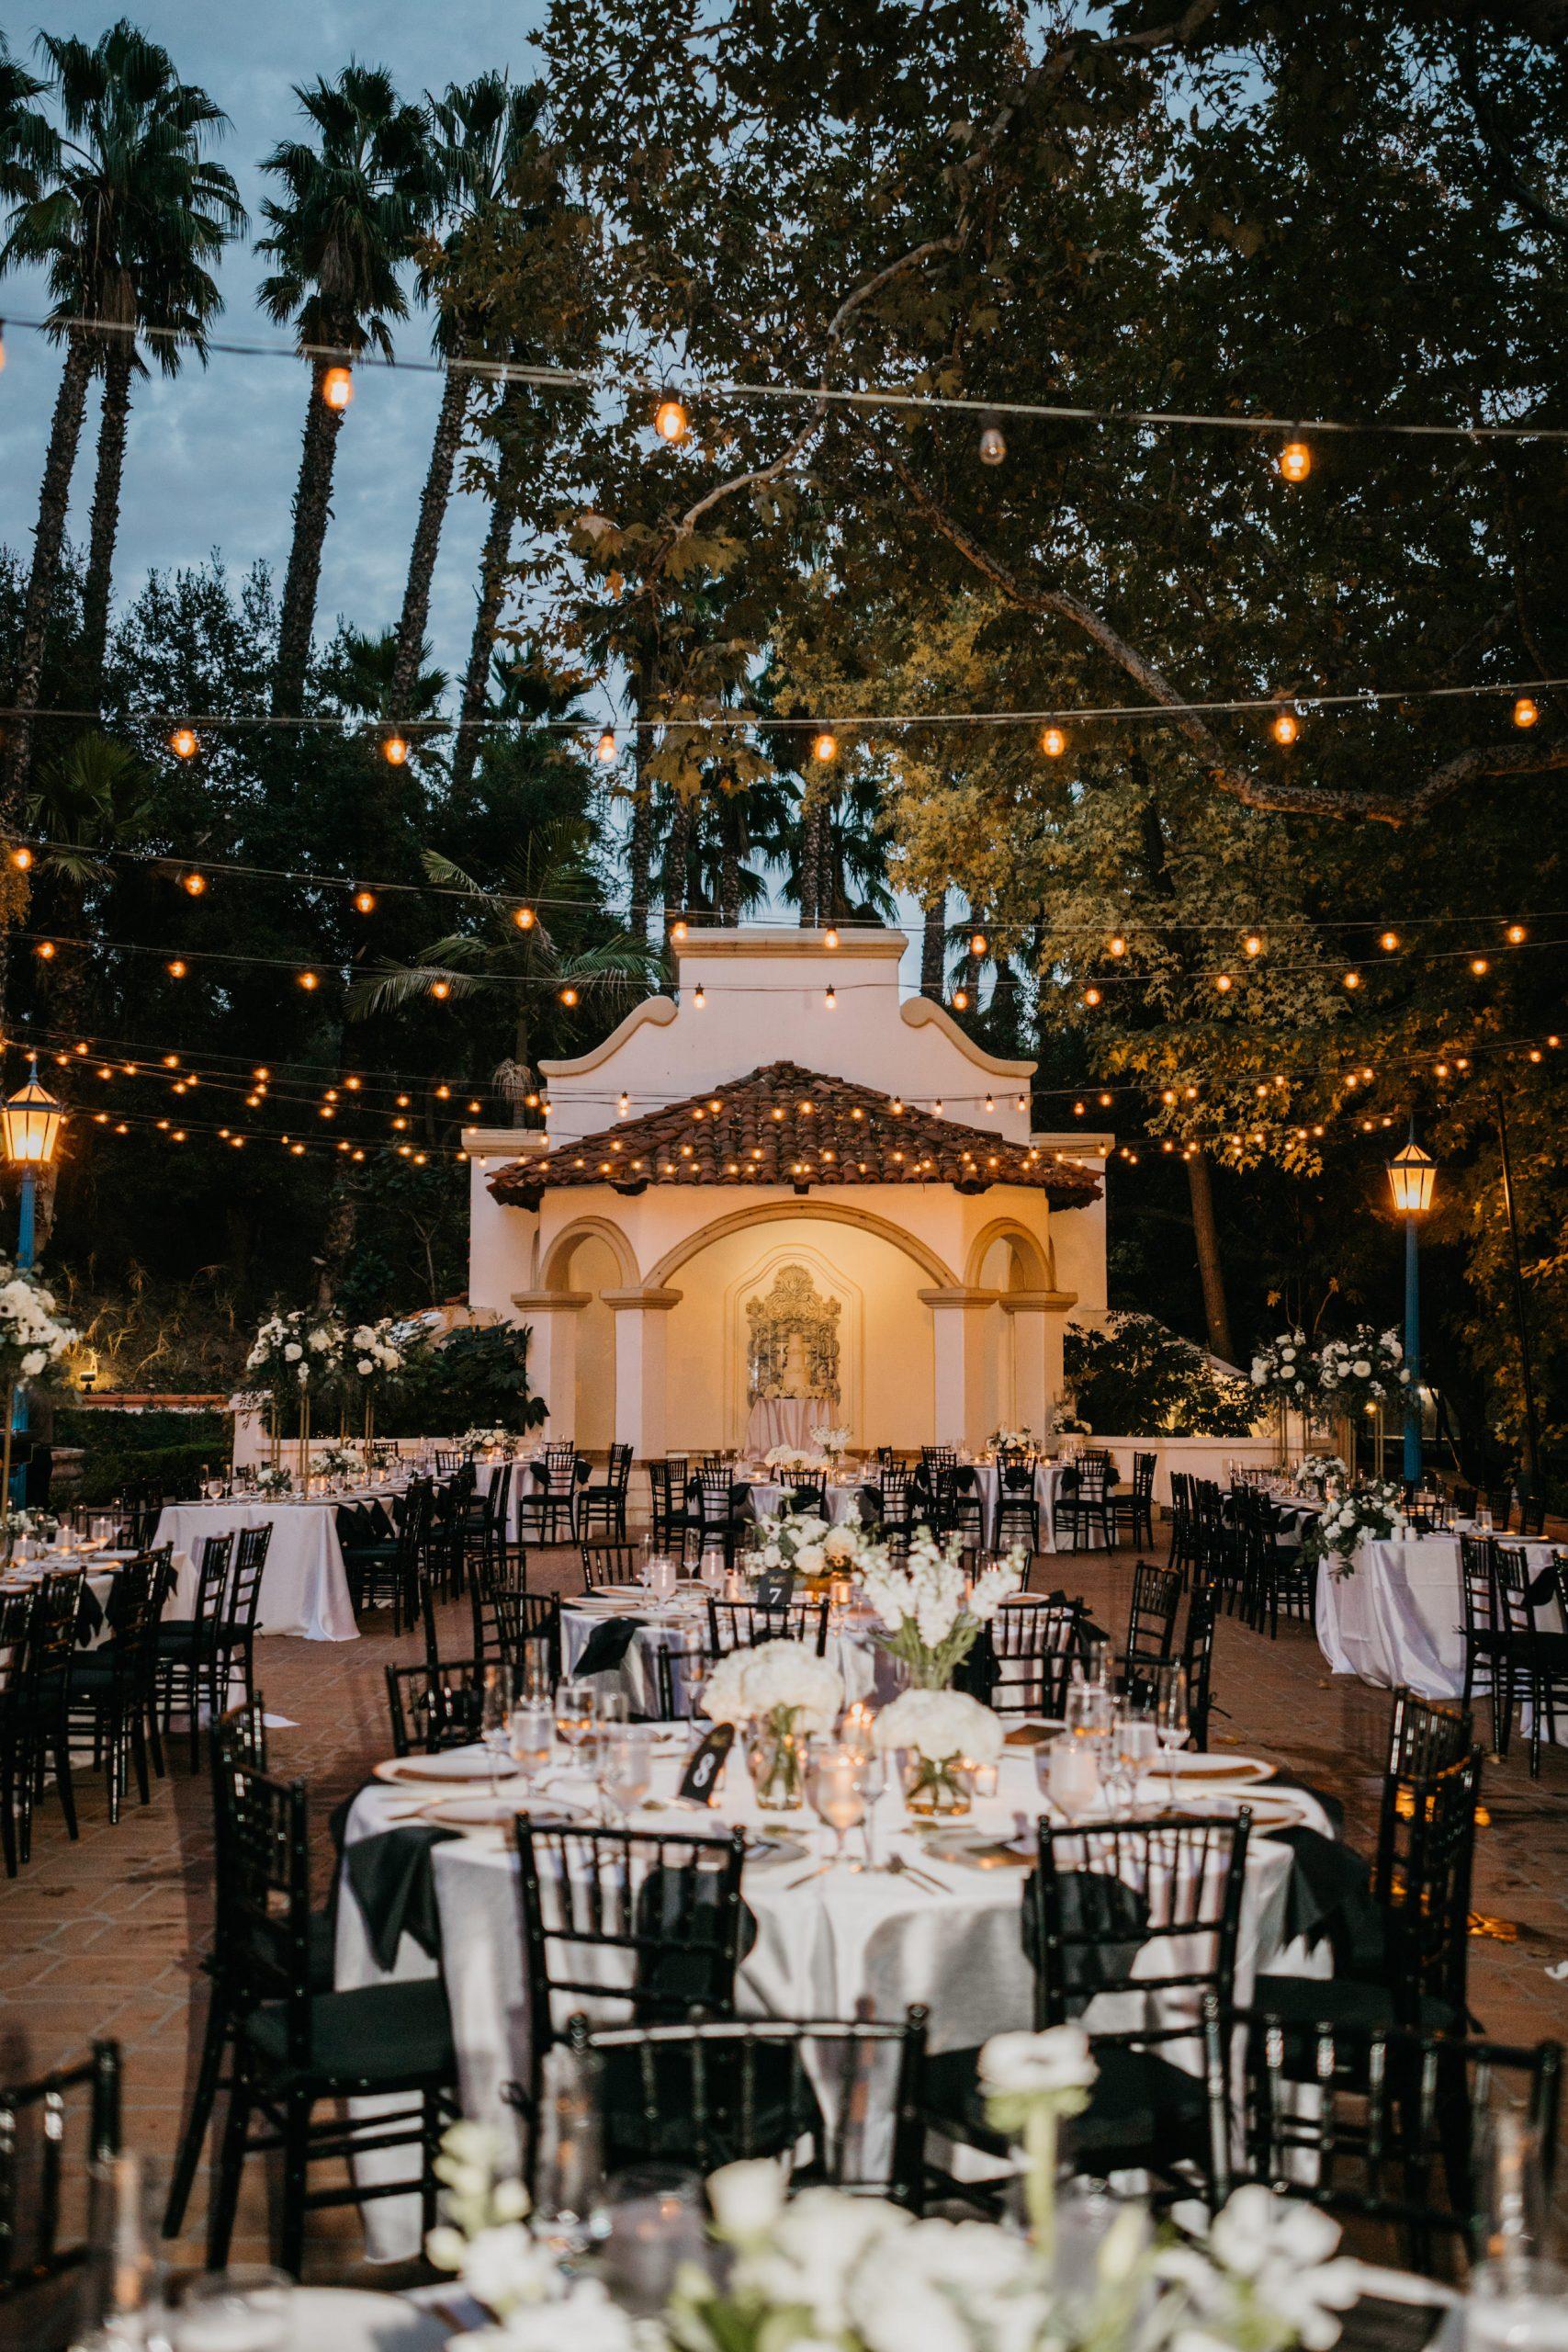 Rancho Las Lomas Wedding Reception, image by Fatima Elreda Photo